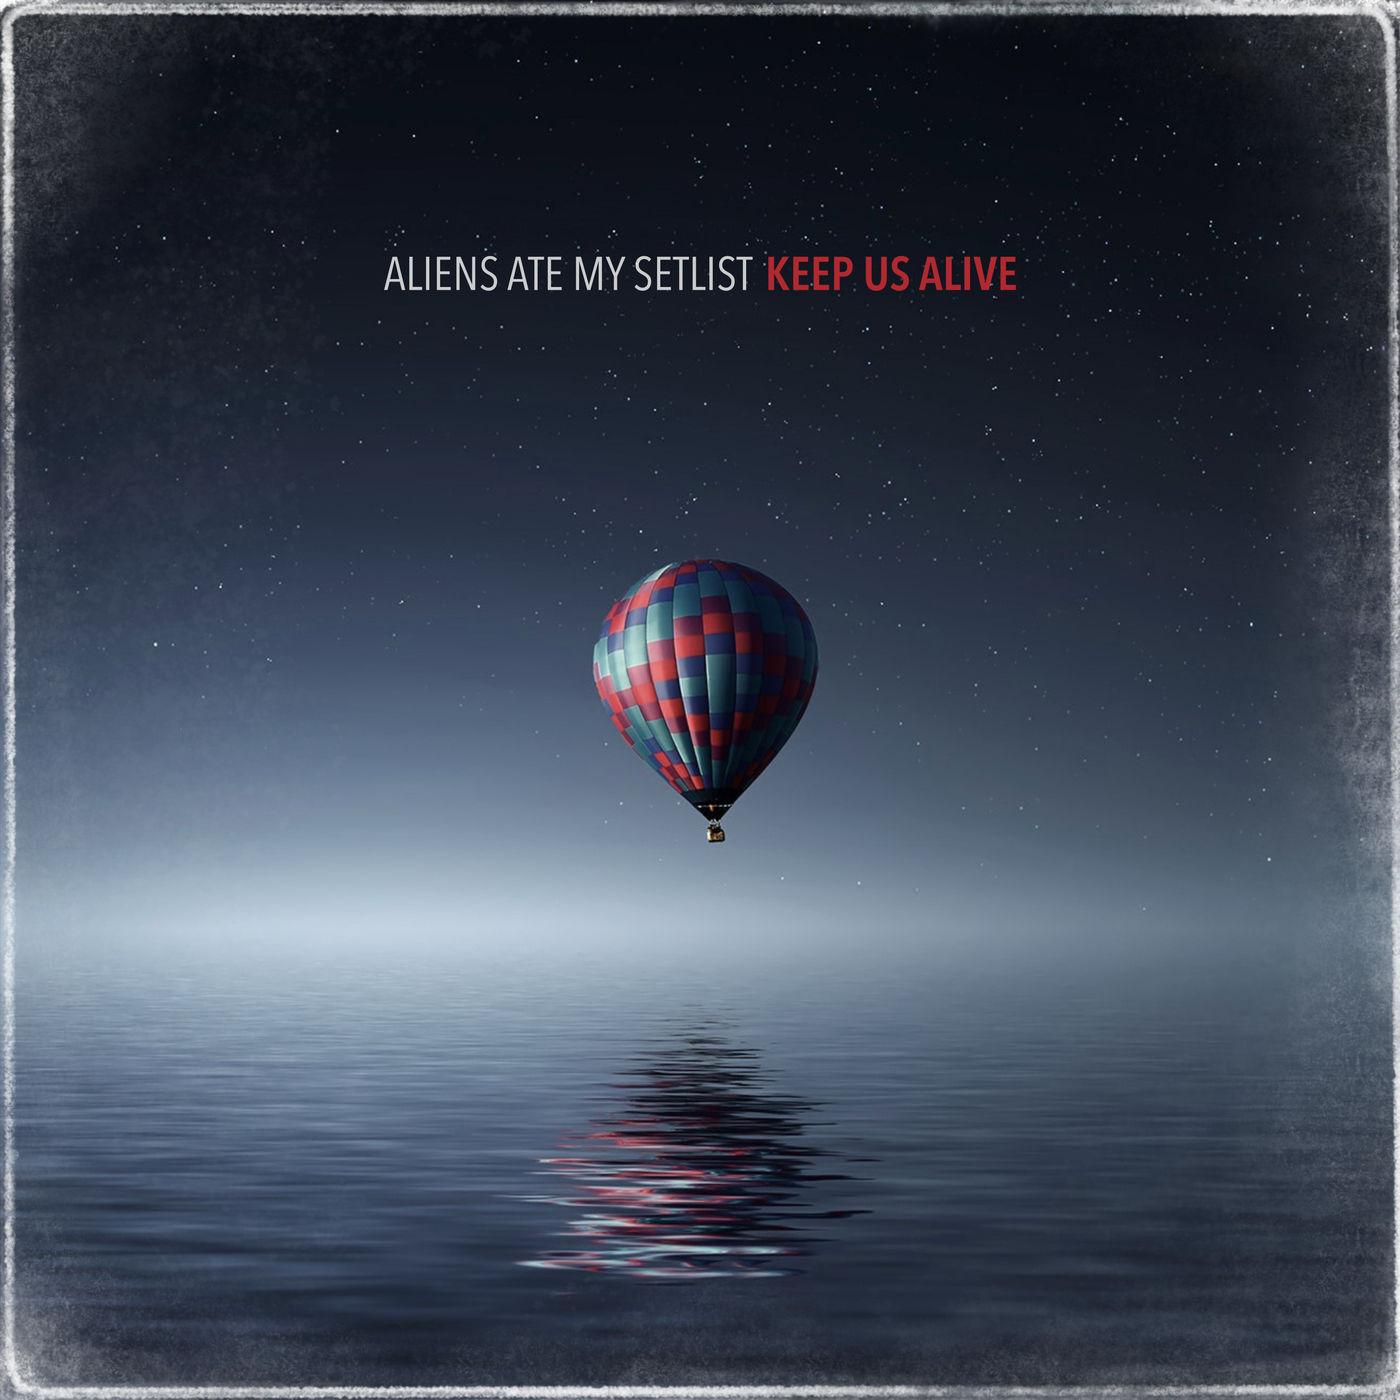 Aliens ate my Setlist - Keep Us Alive [single] (2020)